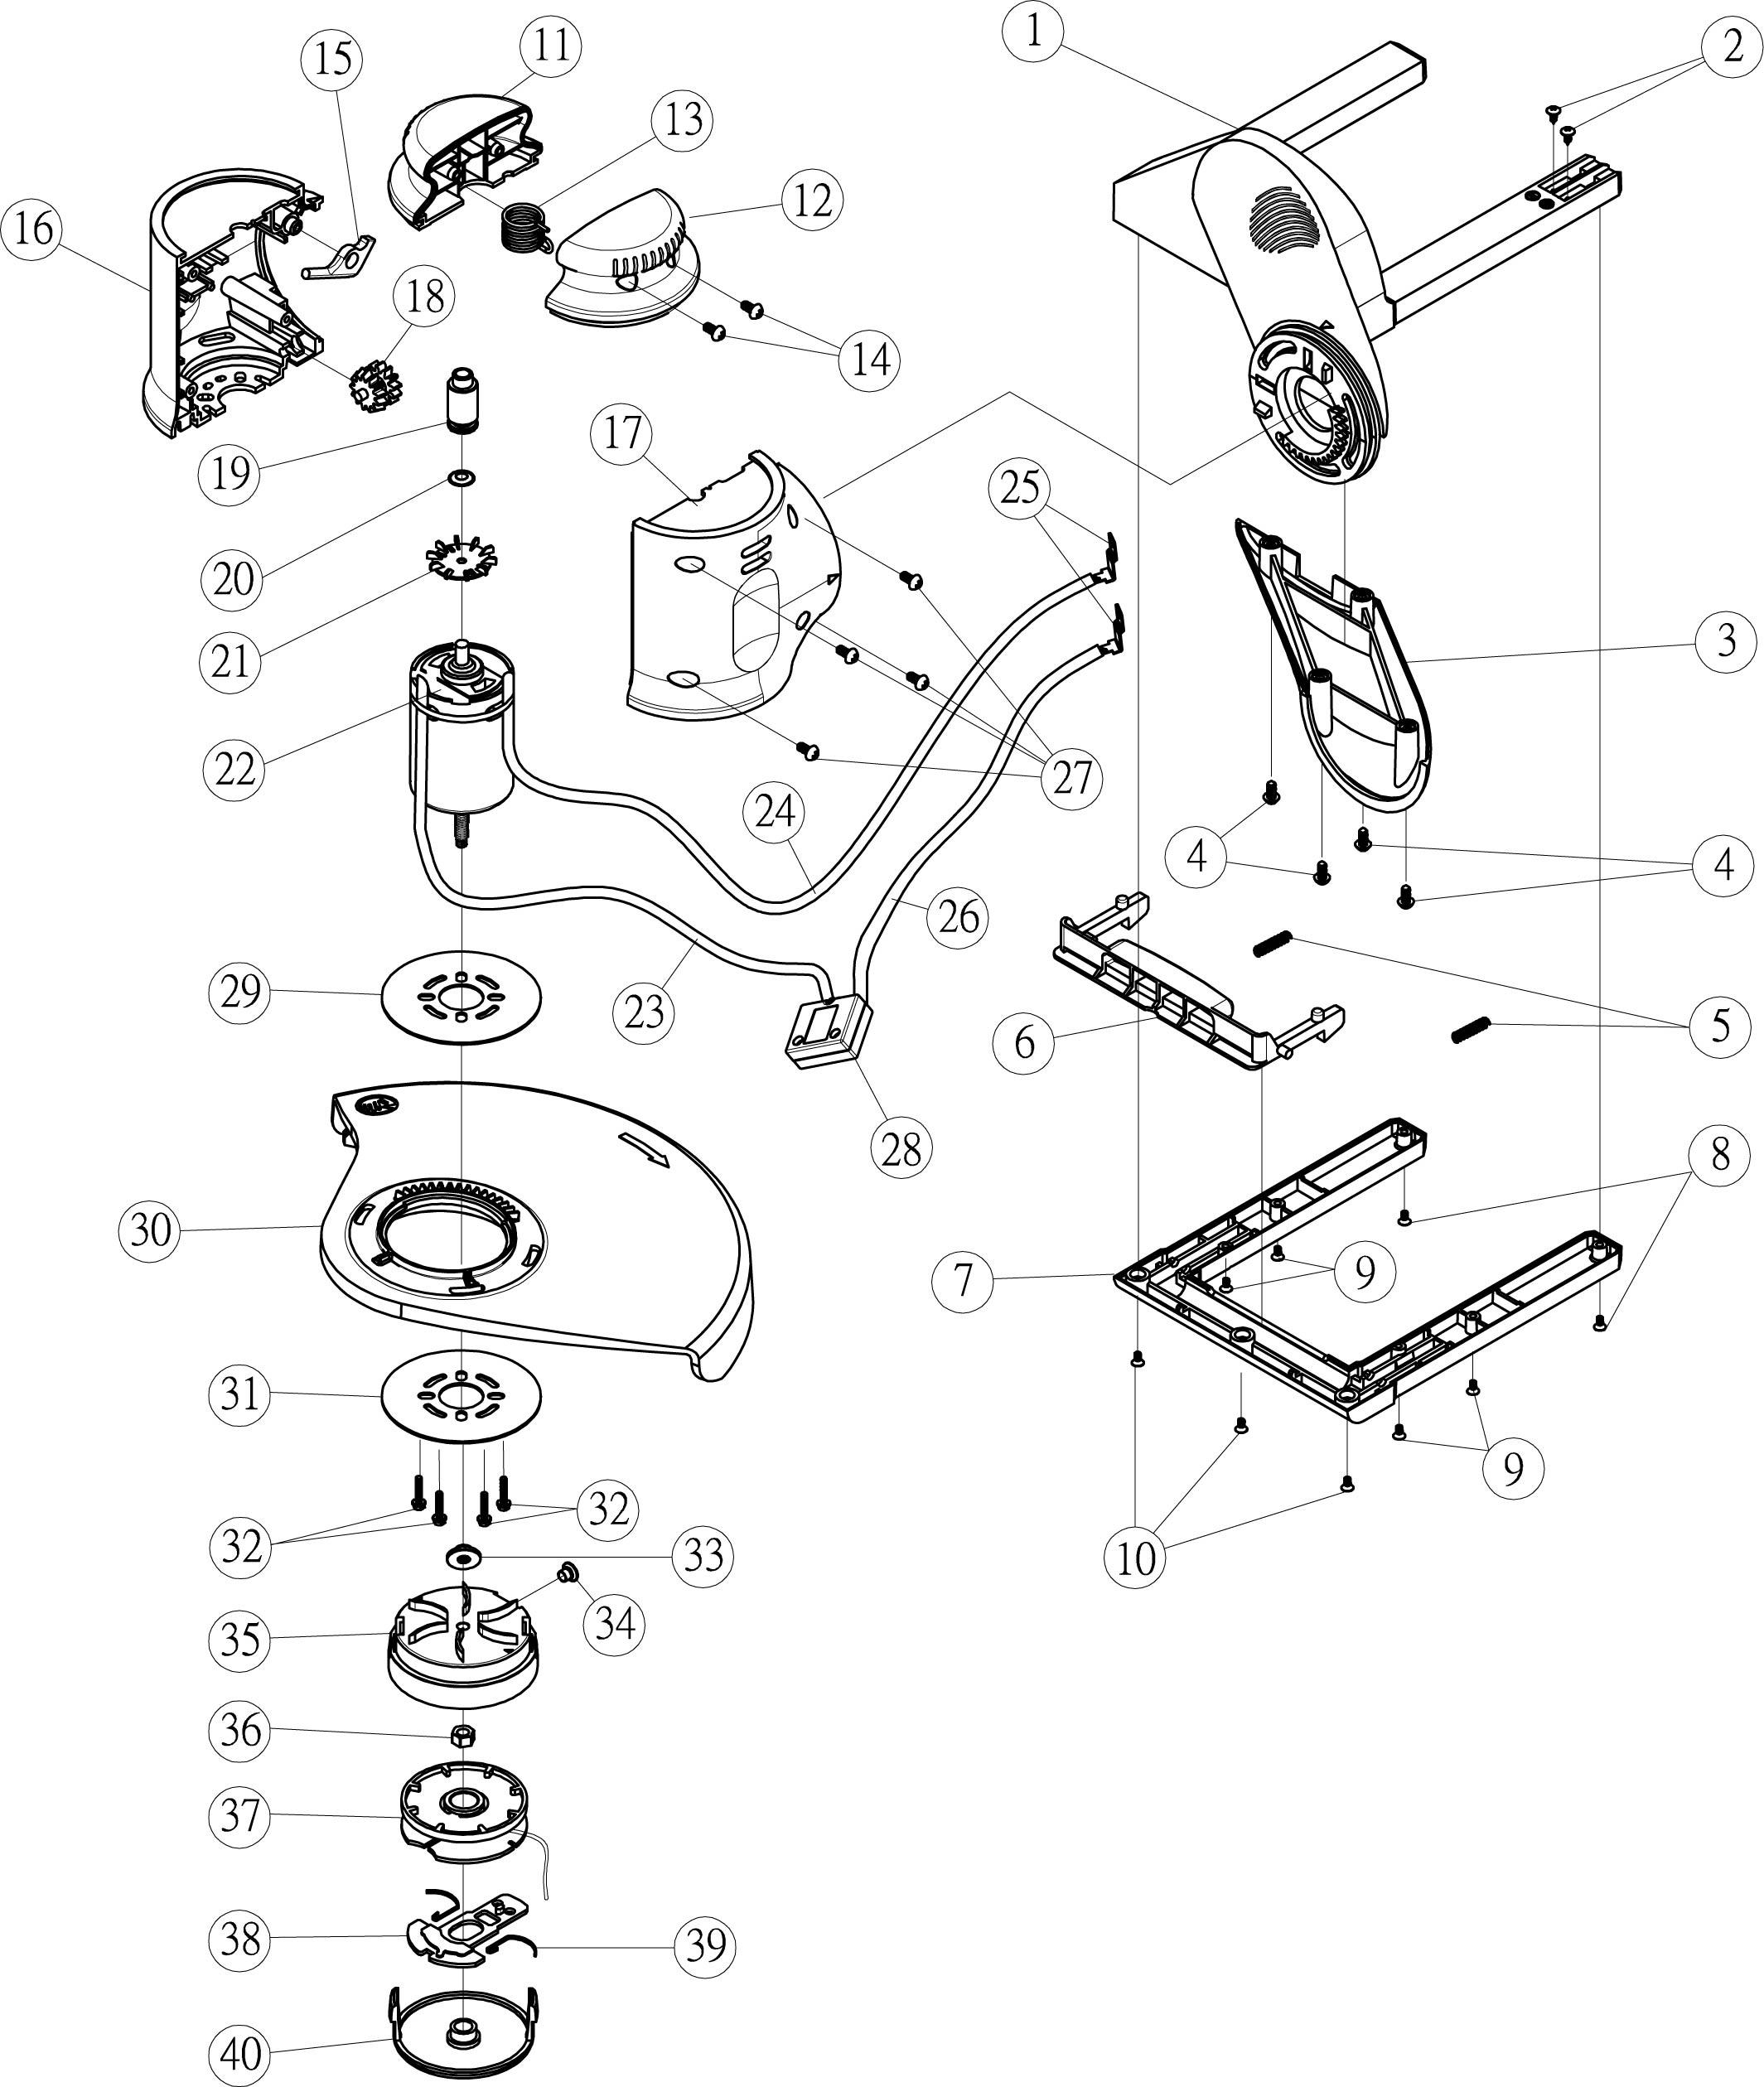 OM 461 Tondeuse à batterie  OLEOMAC vue éclatée  Dessins pièces -  Parties électriques